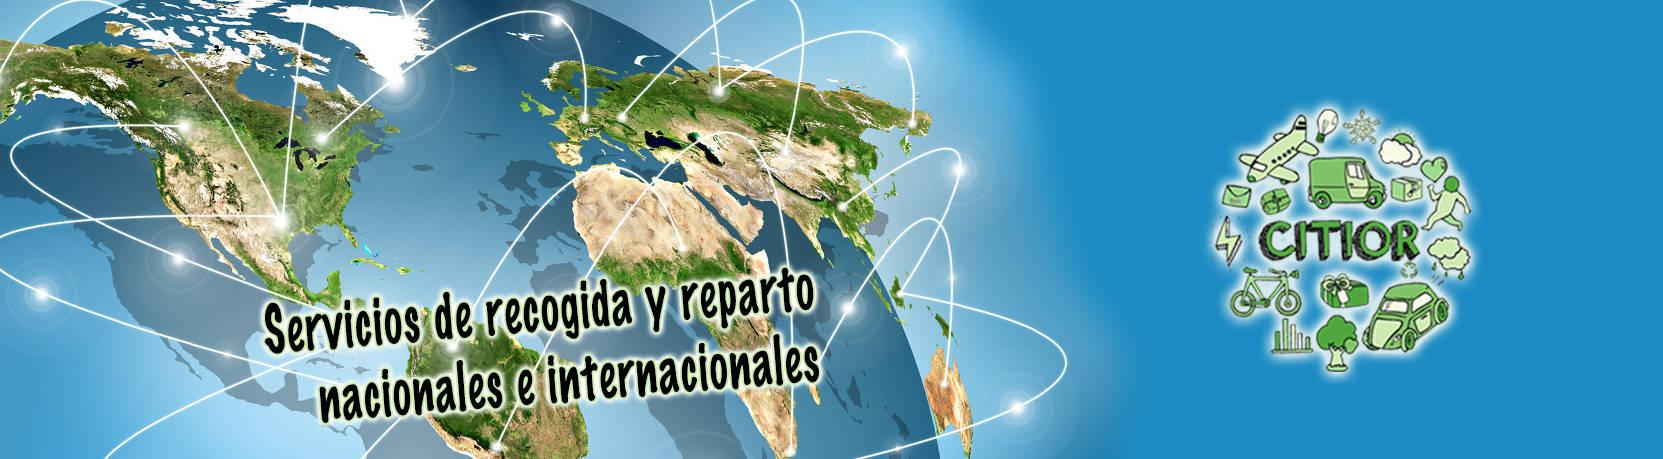 Servicios de recogida y reparto nacionales e internacionales